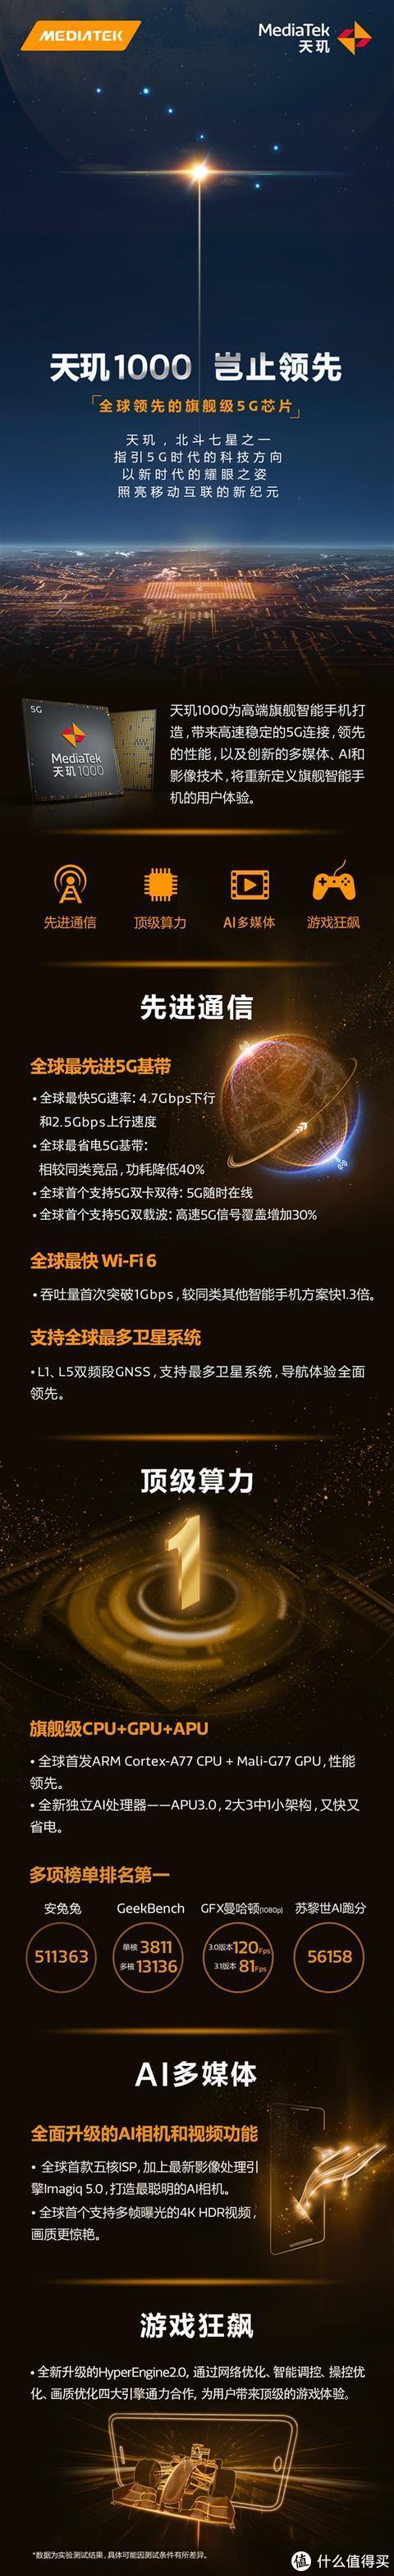 一图看懂世界最快5G单芯片 联想Z6 Pro 5G开启预售